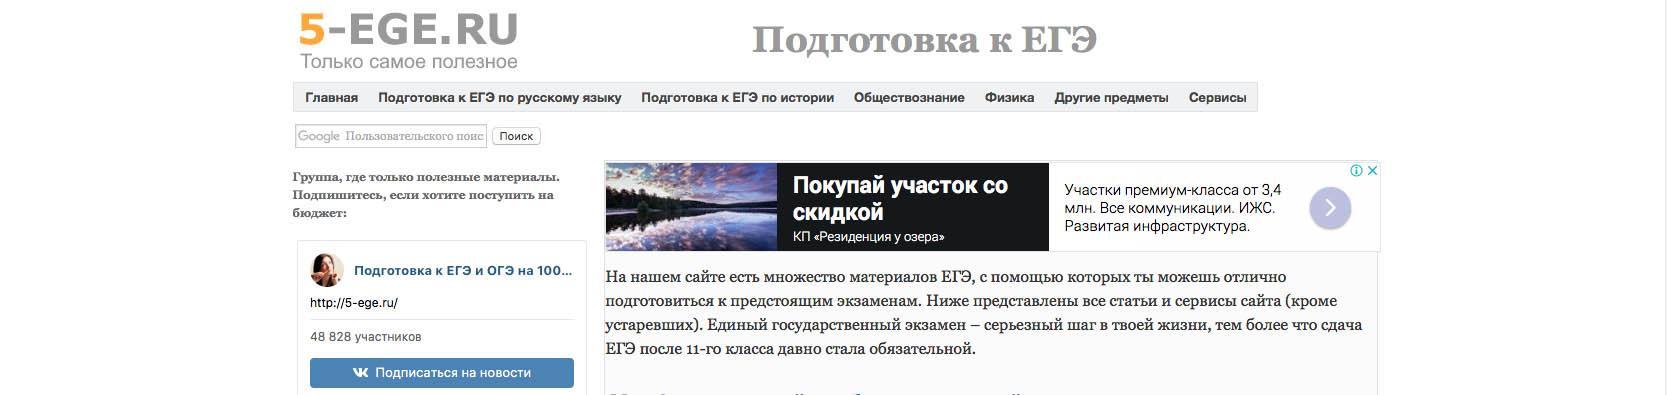 5-ege.ru - материалы для подготовки к ЕГЭ